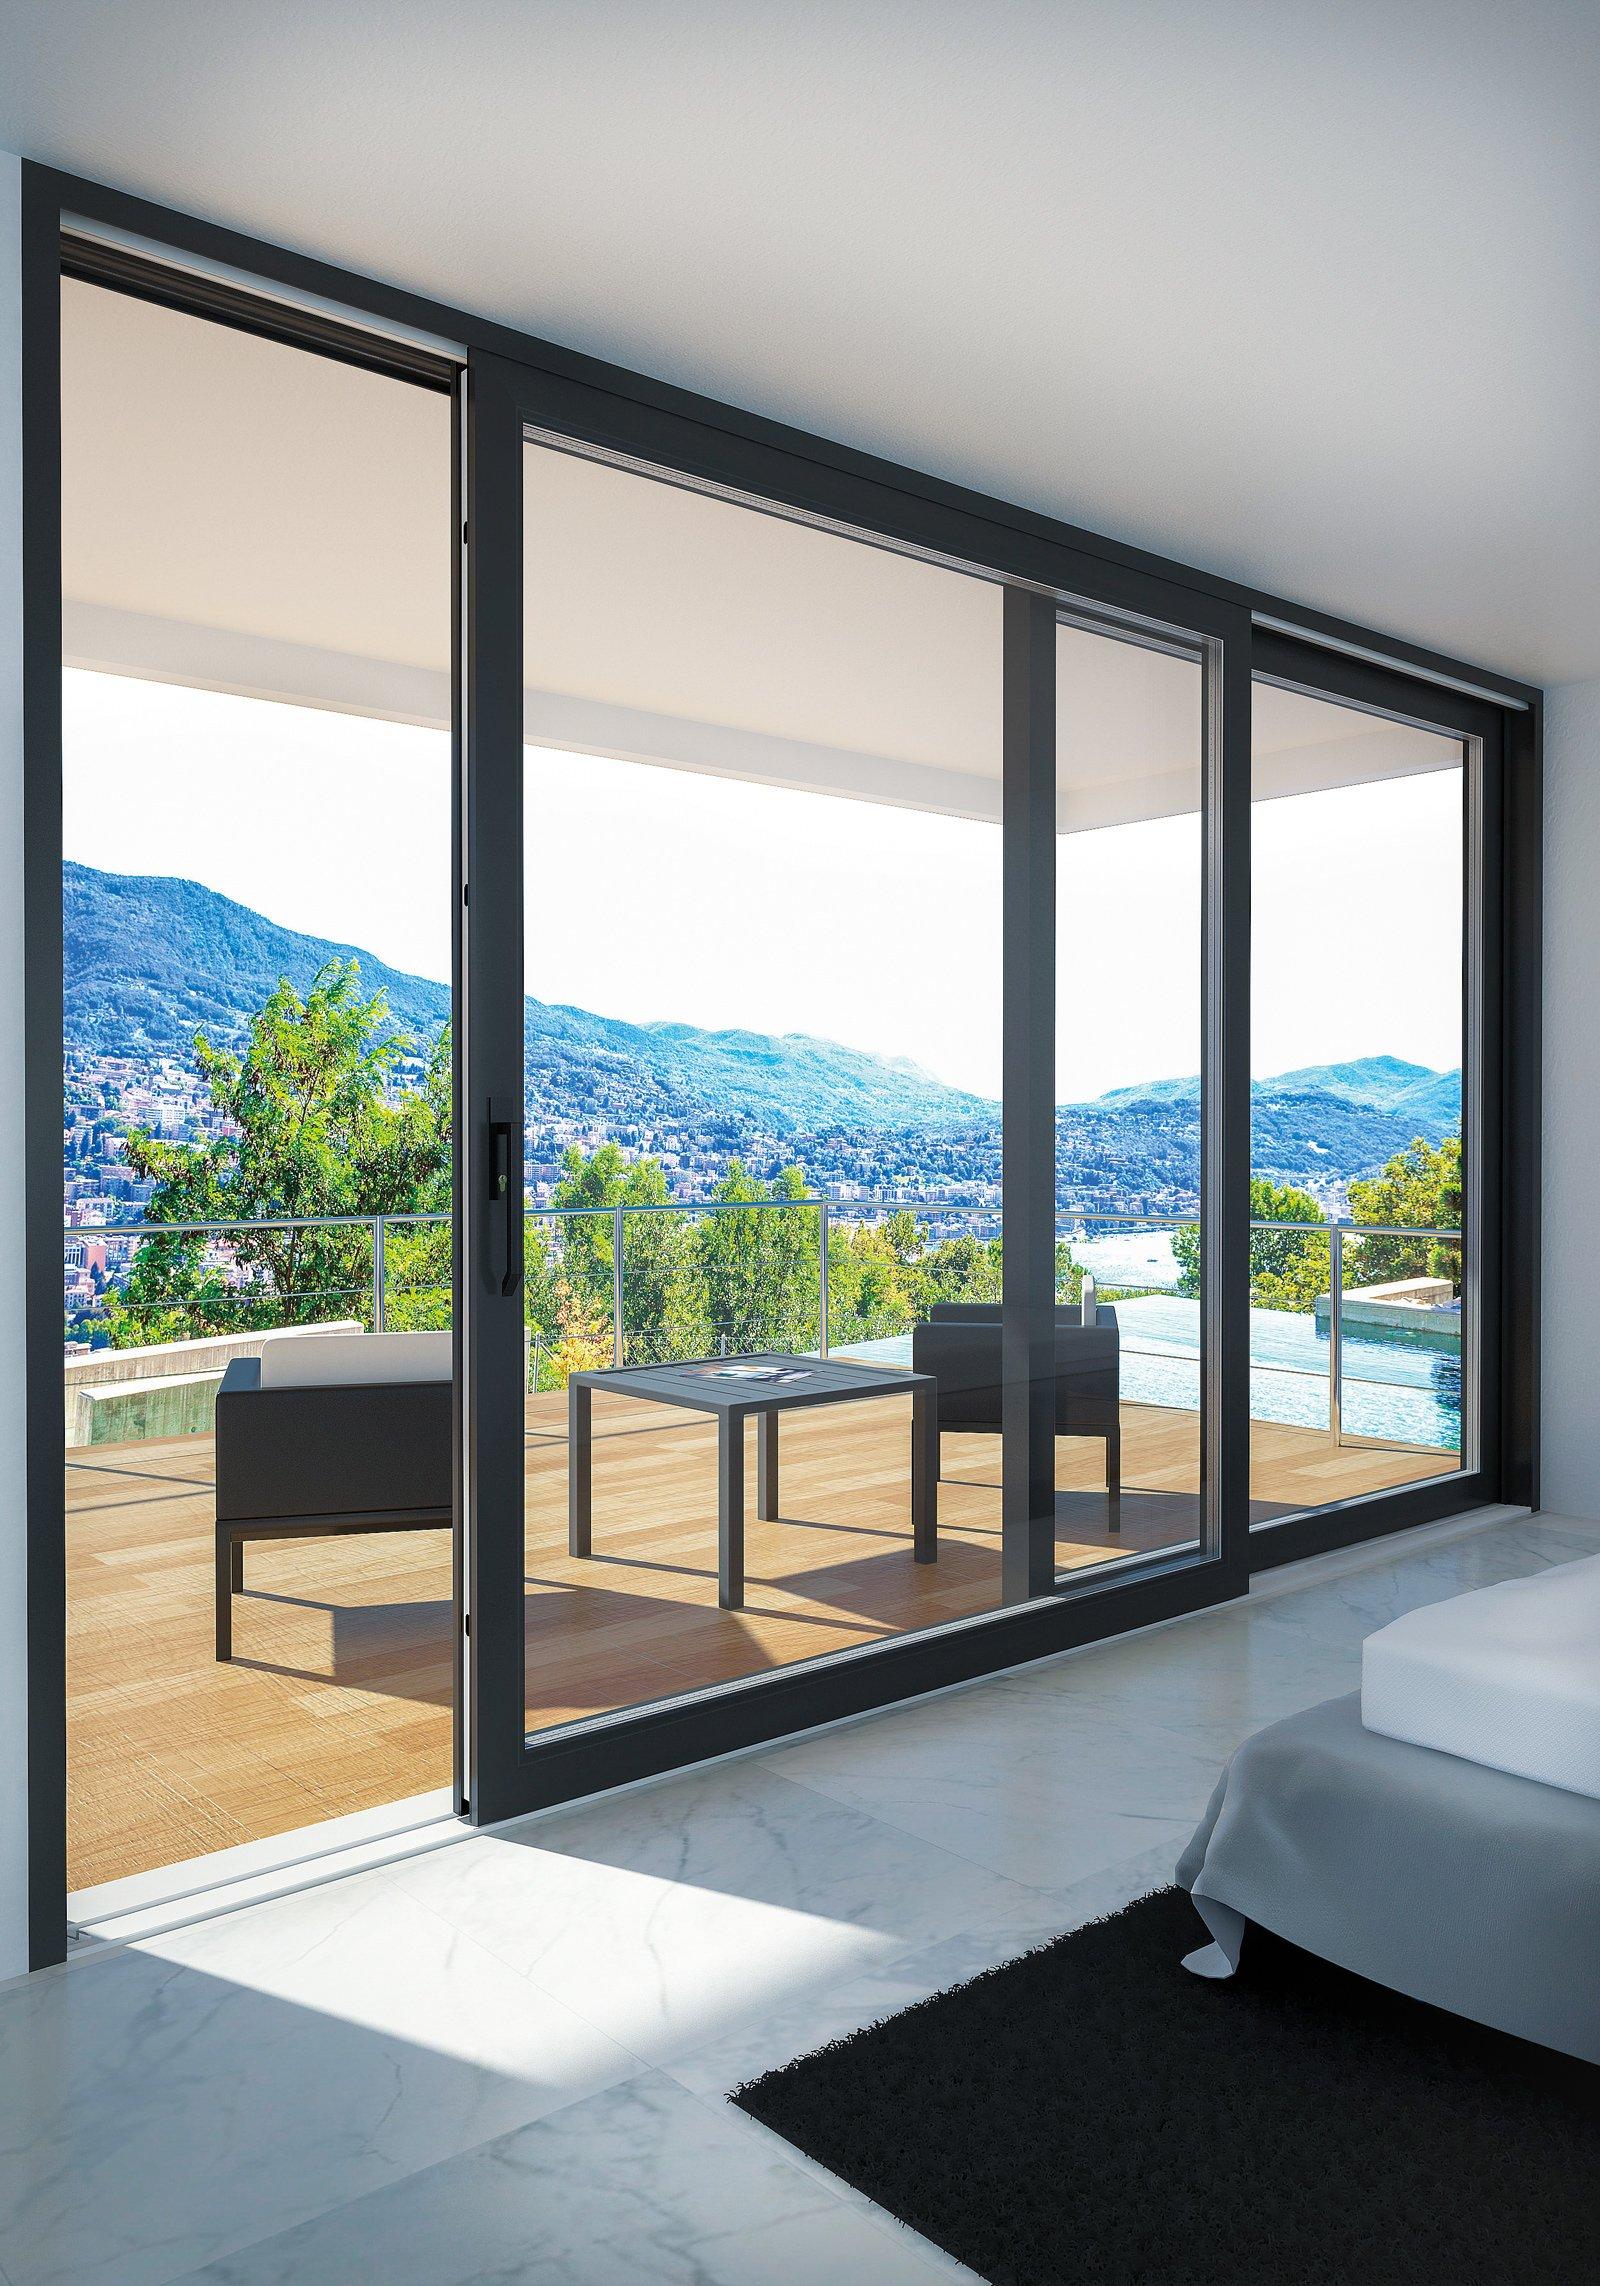 Portefinestre scorrevoli le performance di alzanti e traslanti cose di casa - Altezza porta finestra ...